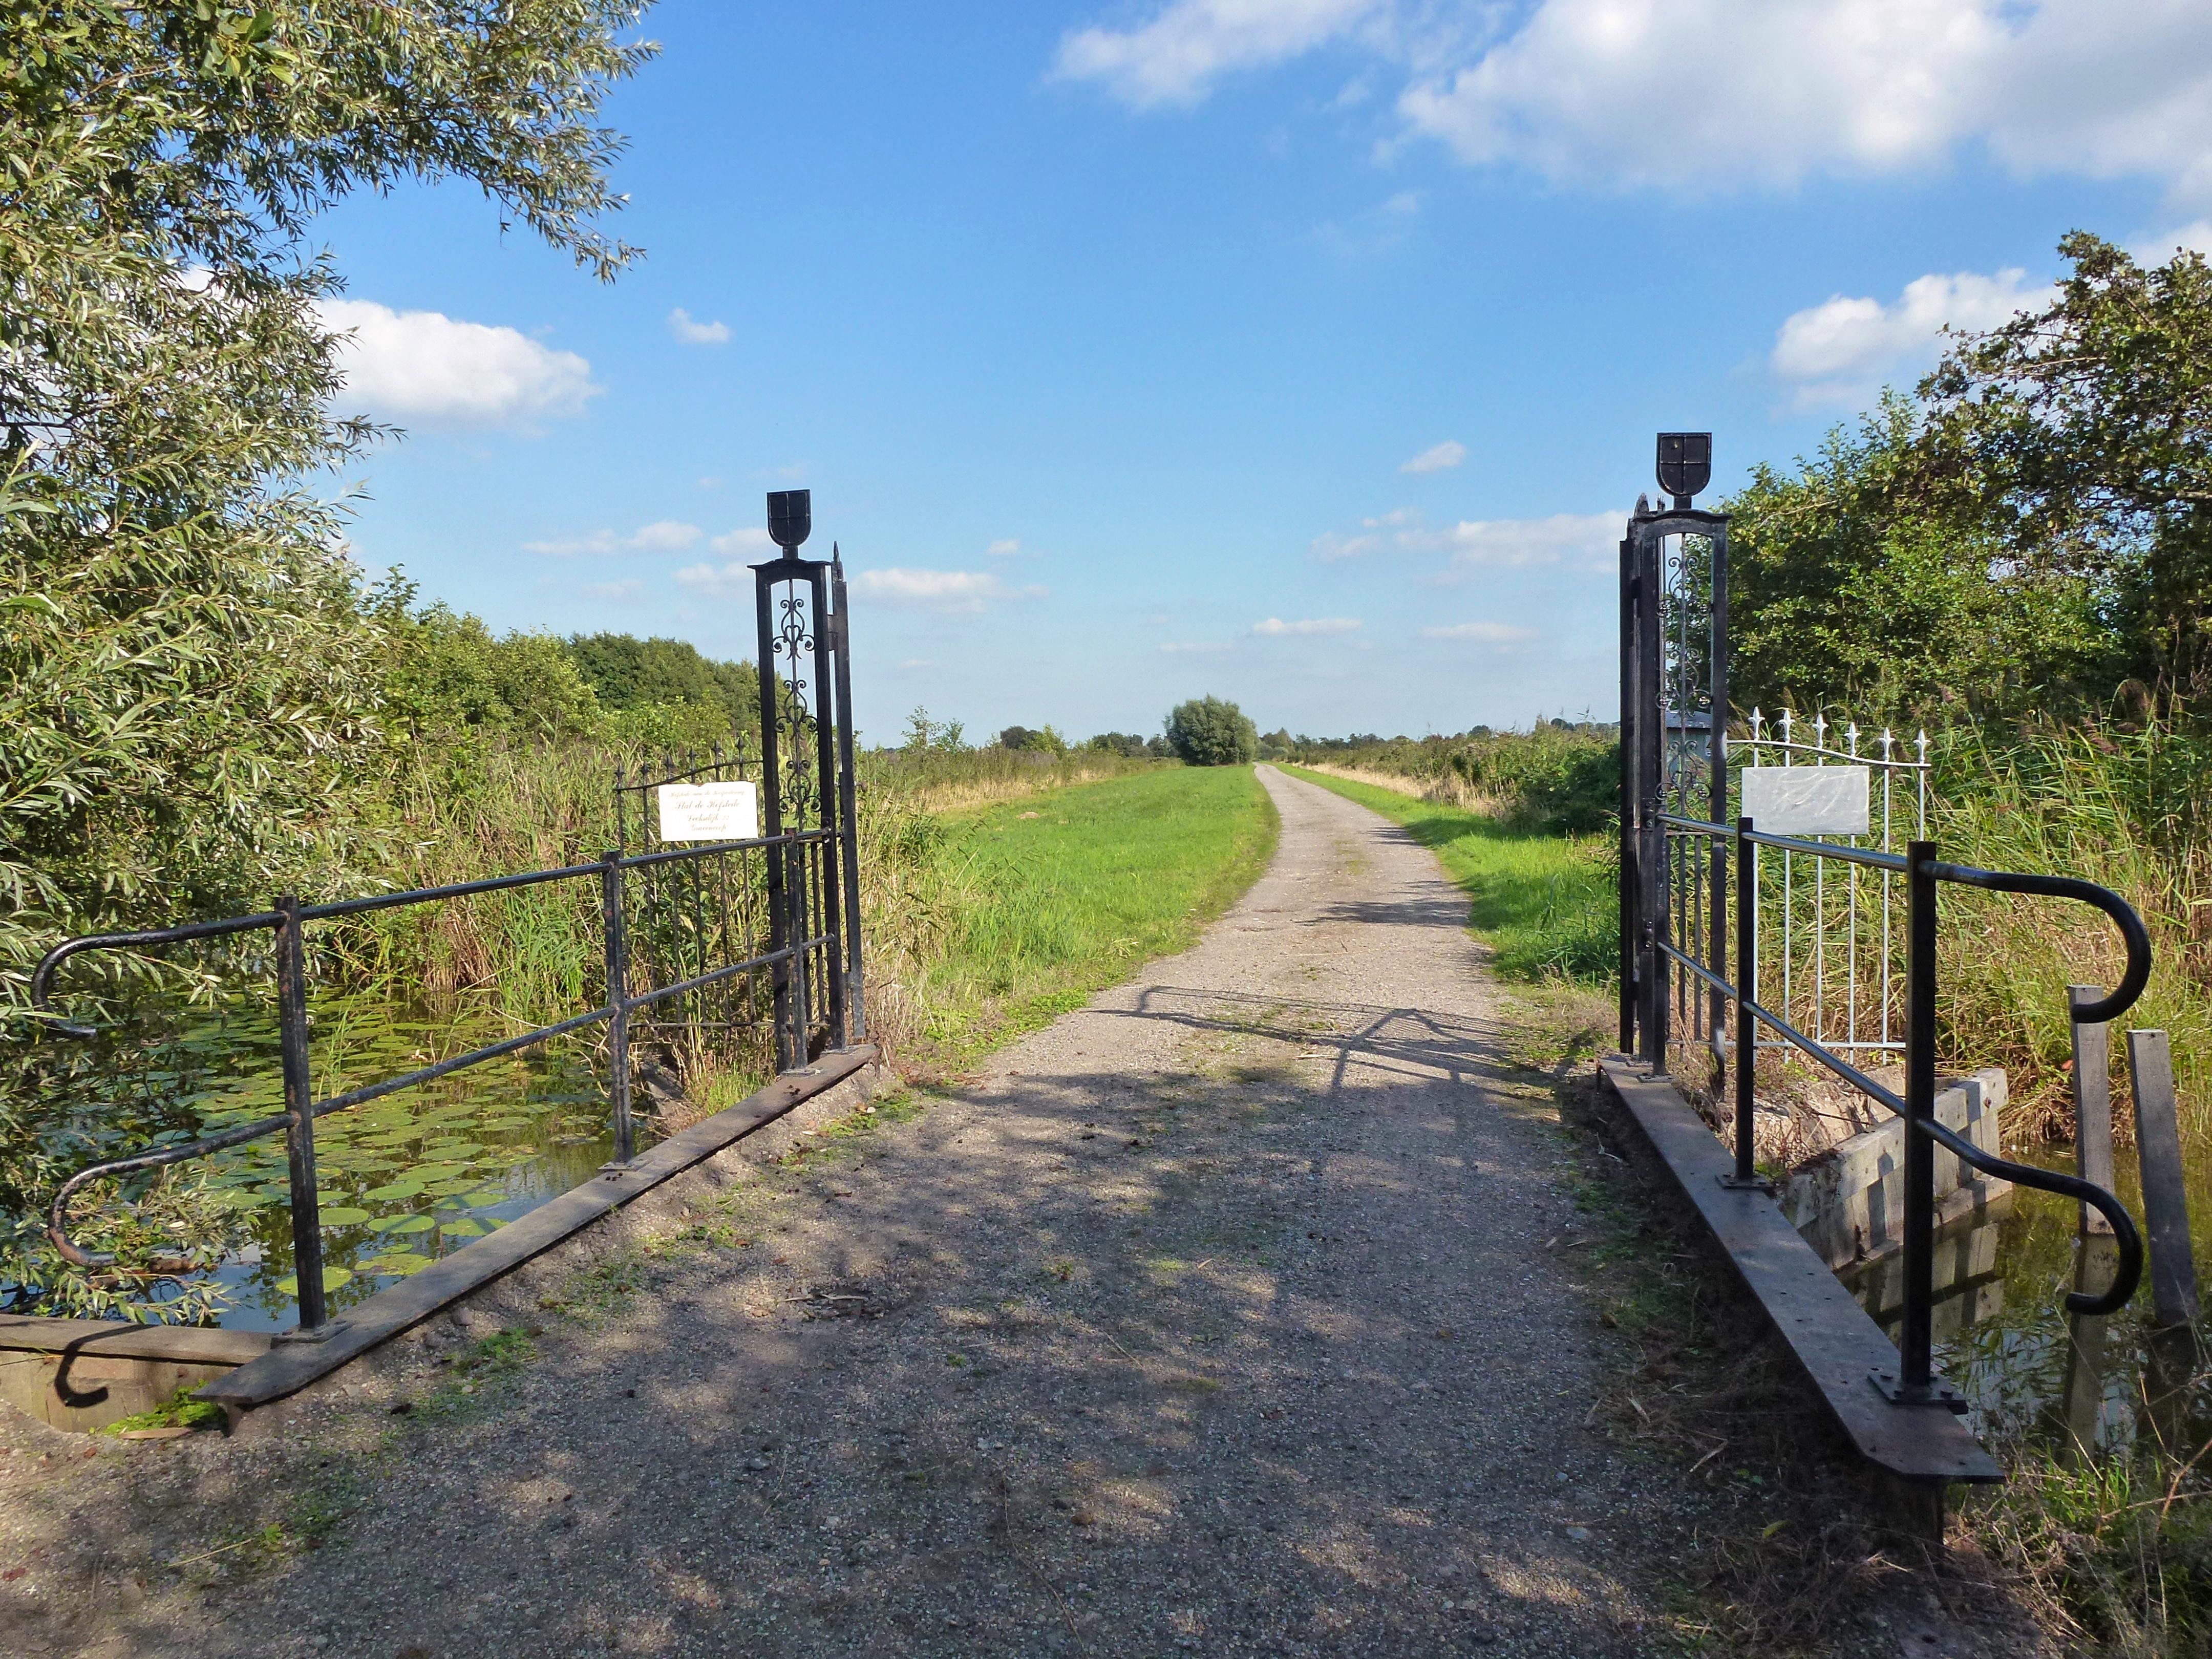 File:Spijlenhek met toegangsweg. Lecksdijk 22. Reeuwijk. Zuid-Holland.jpg